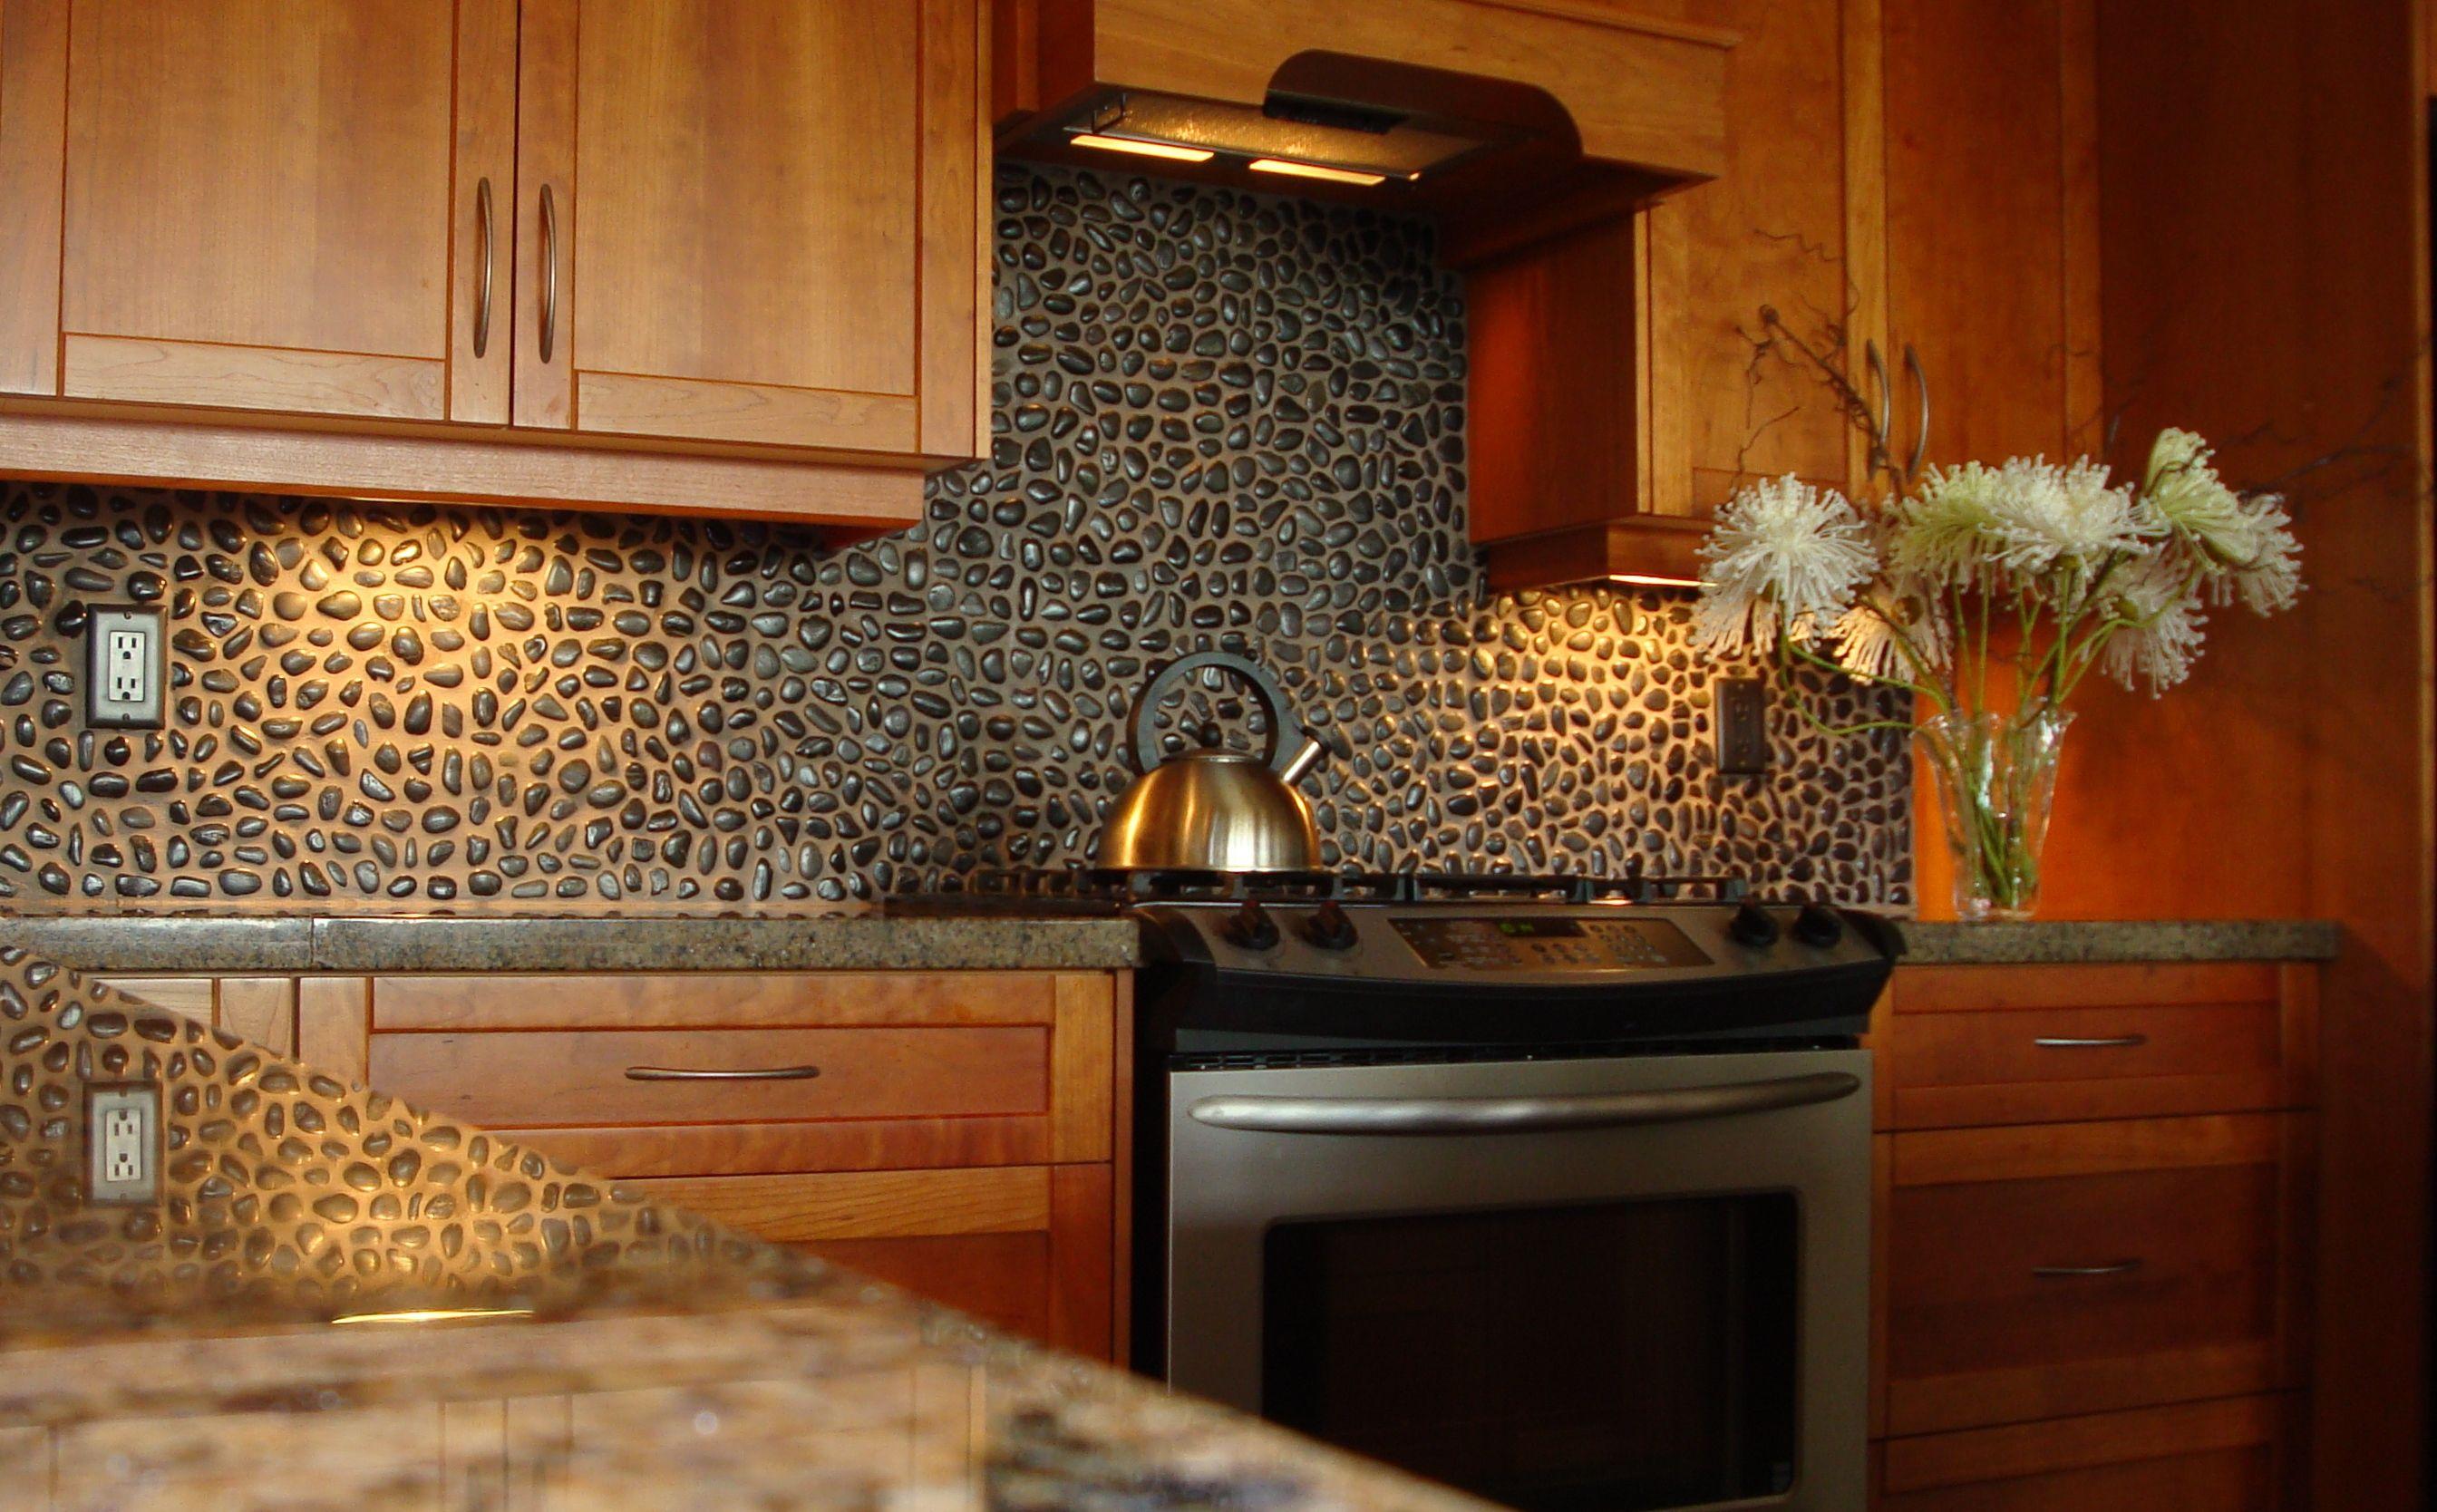 vidunderlige-køkken-backsplash-designs-made-for-små-sten-kombinere-med-sort-granit-bordplade